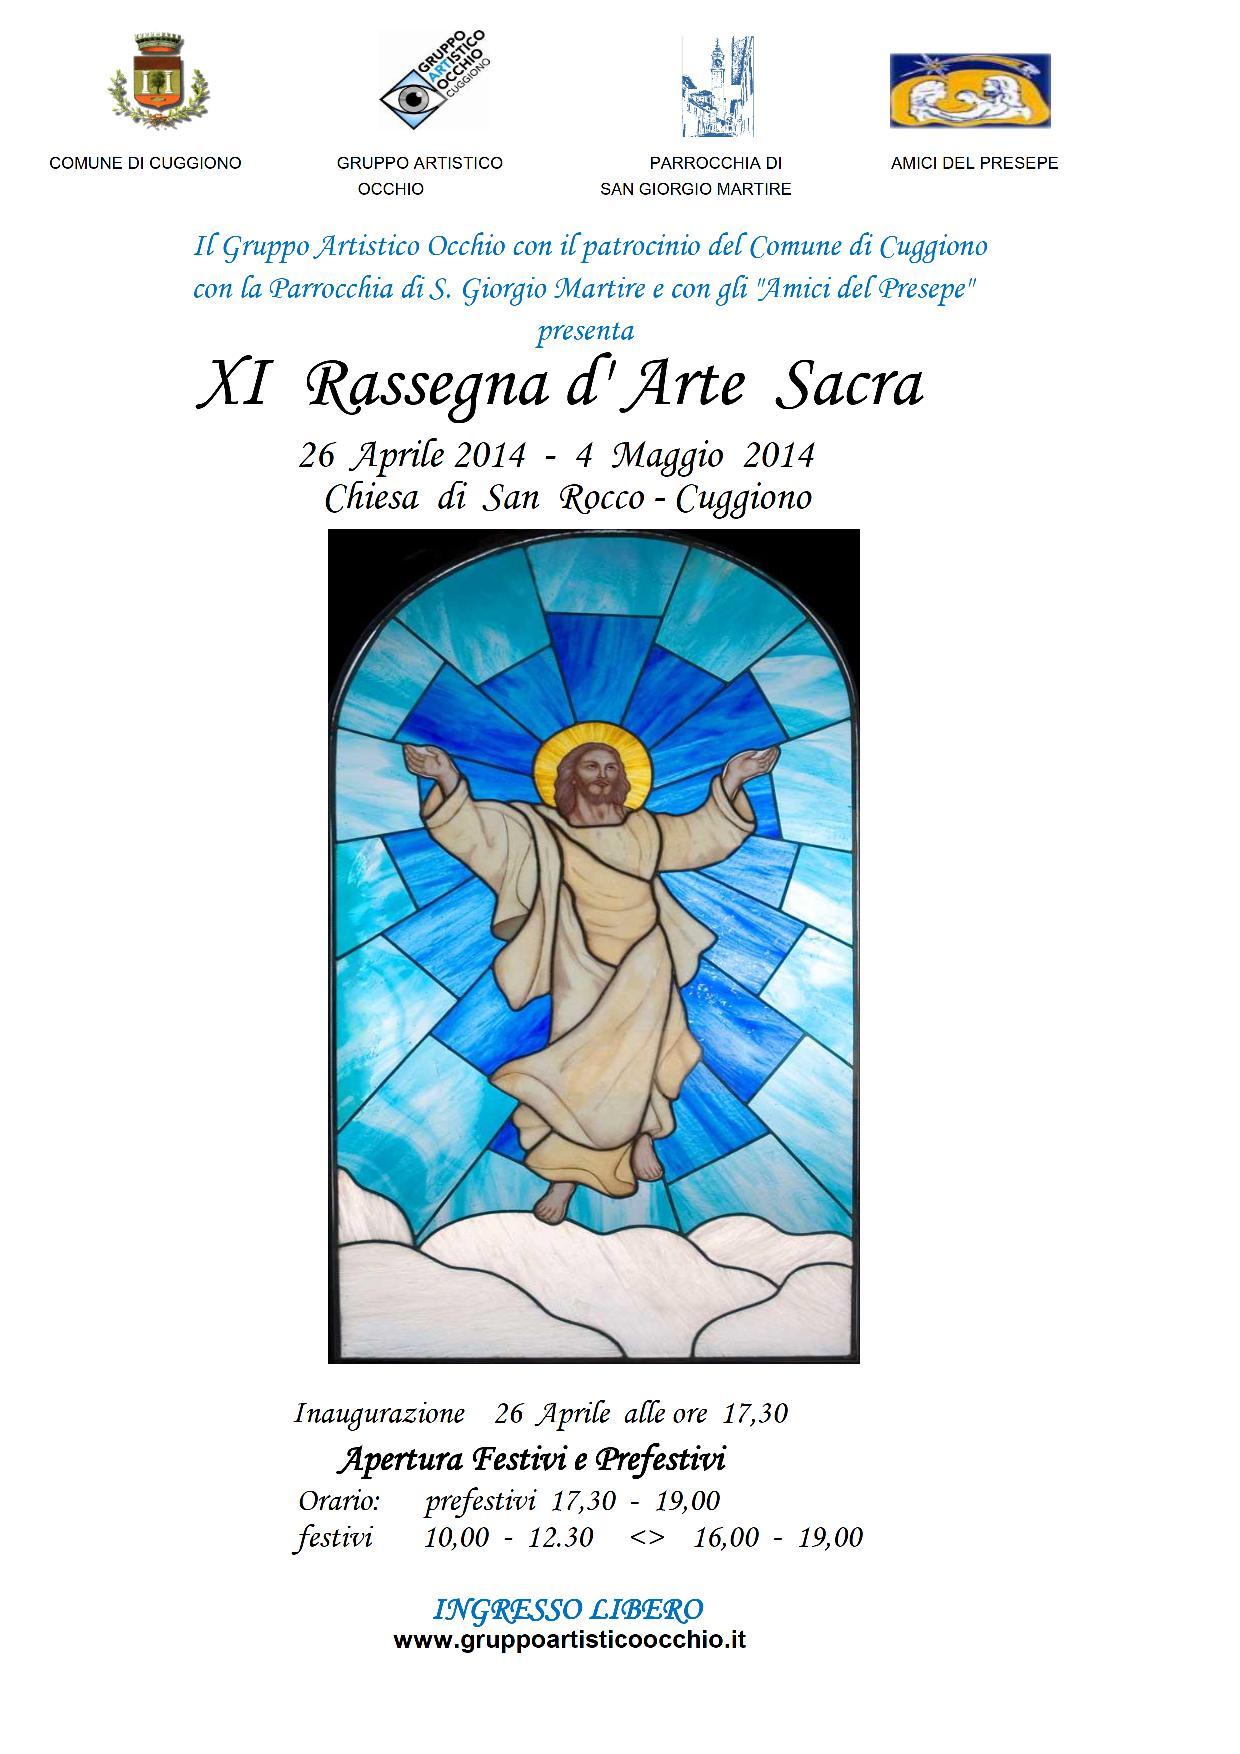 anno 2014 XI Rassegna ARTE SACRA presso la Chiesa di San Rocco dal 26 Aprile al 4 Maggio 2014.